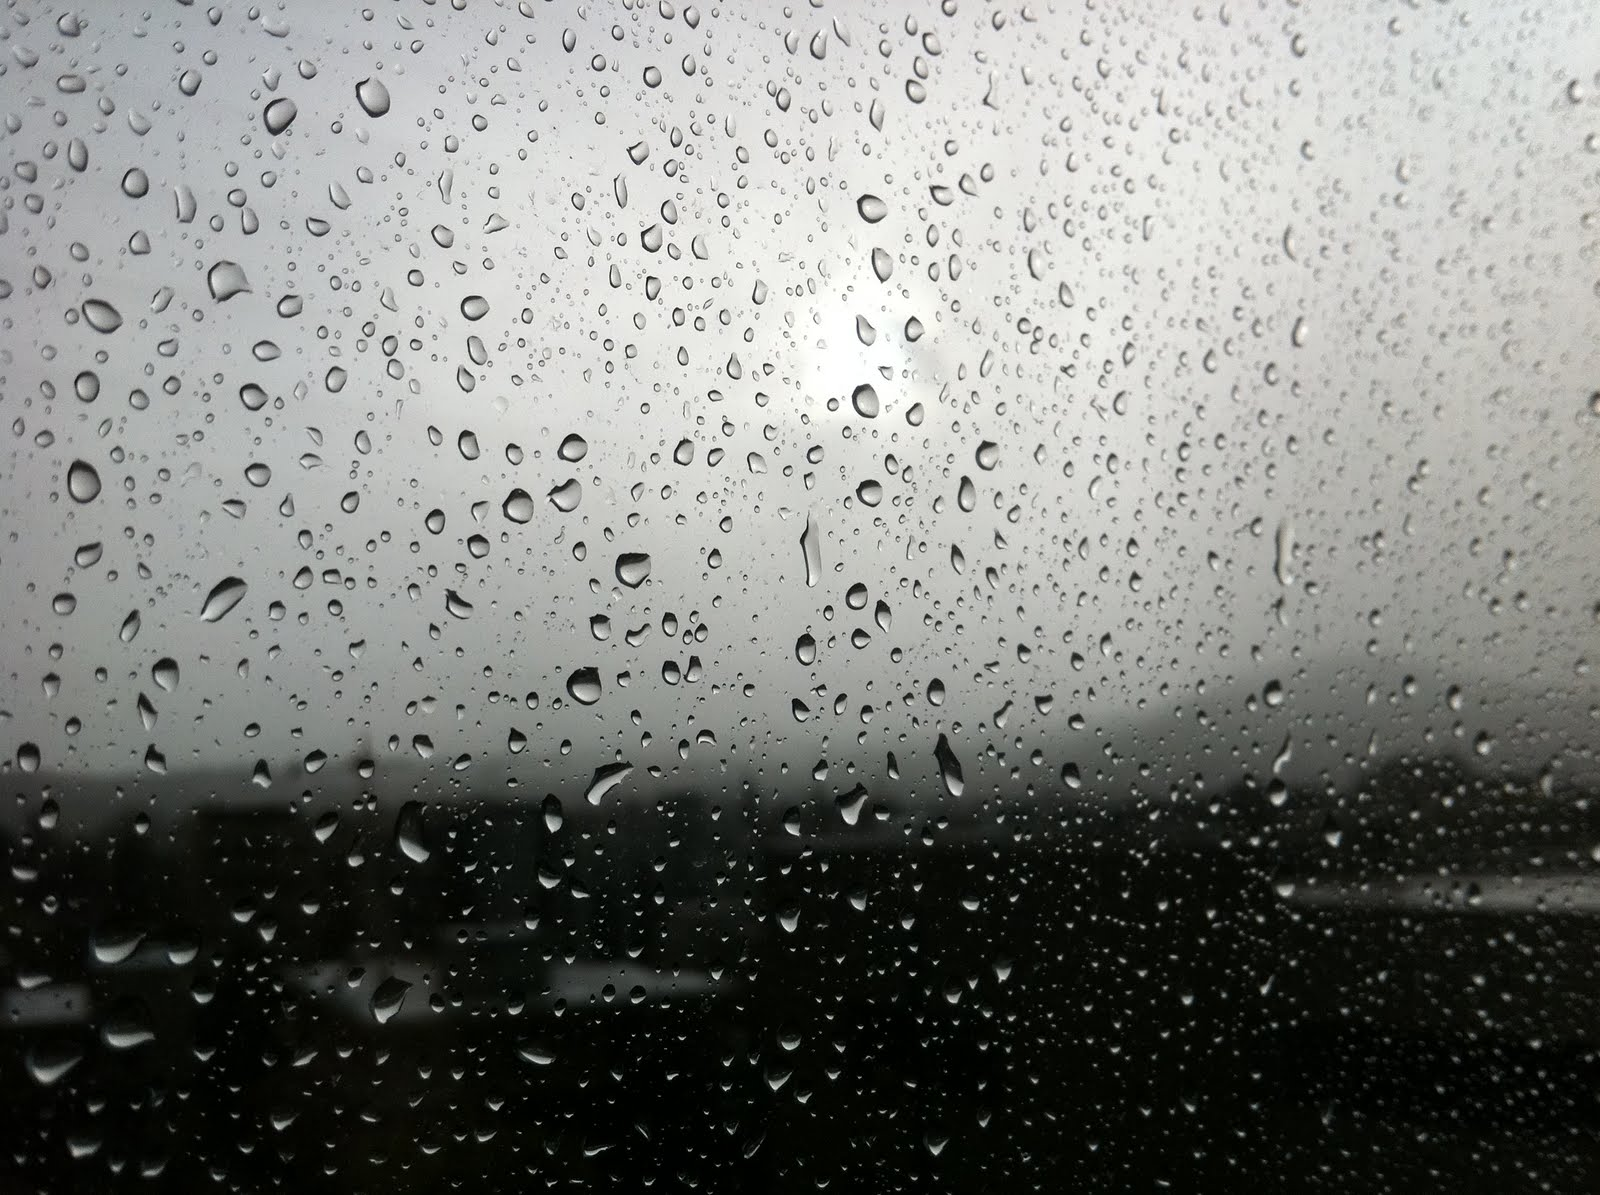 Αλλάζει ο καιρός, έρχονται βροχές